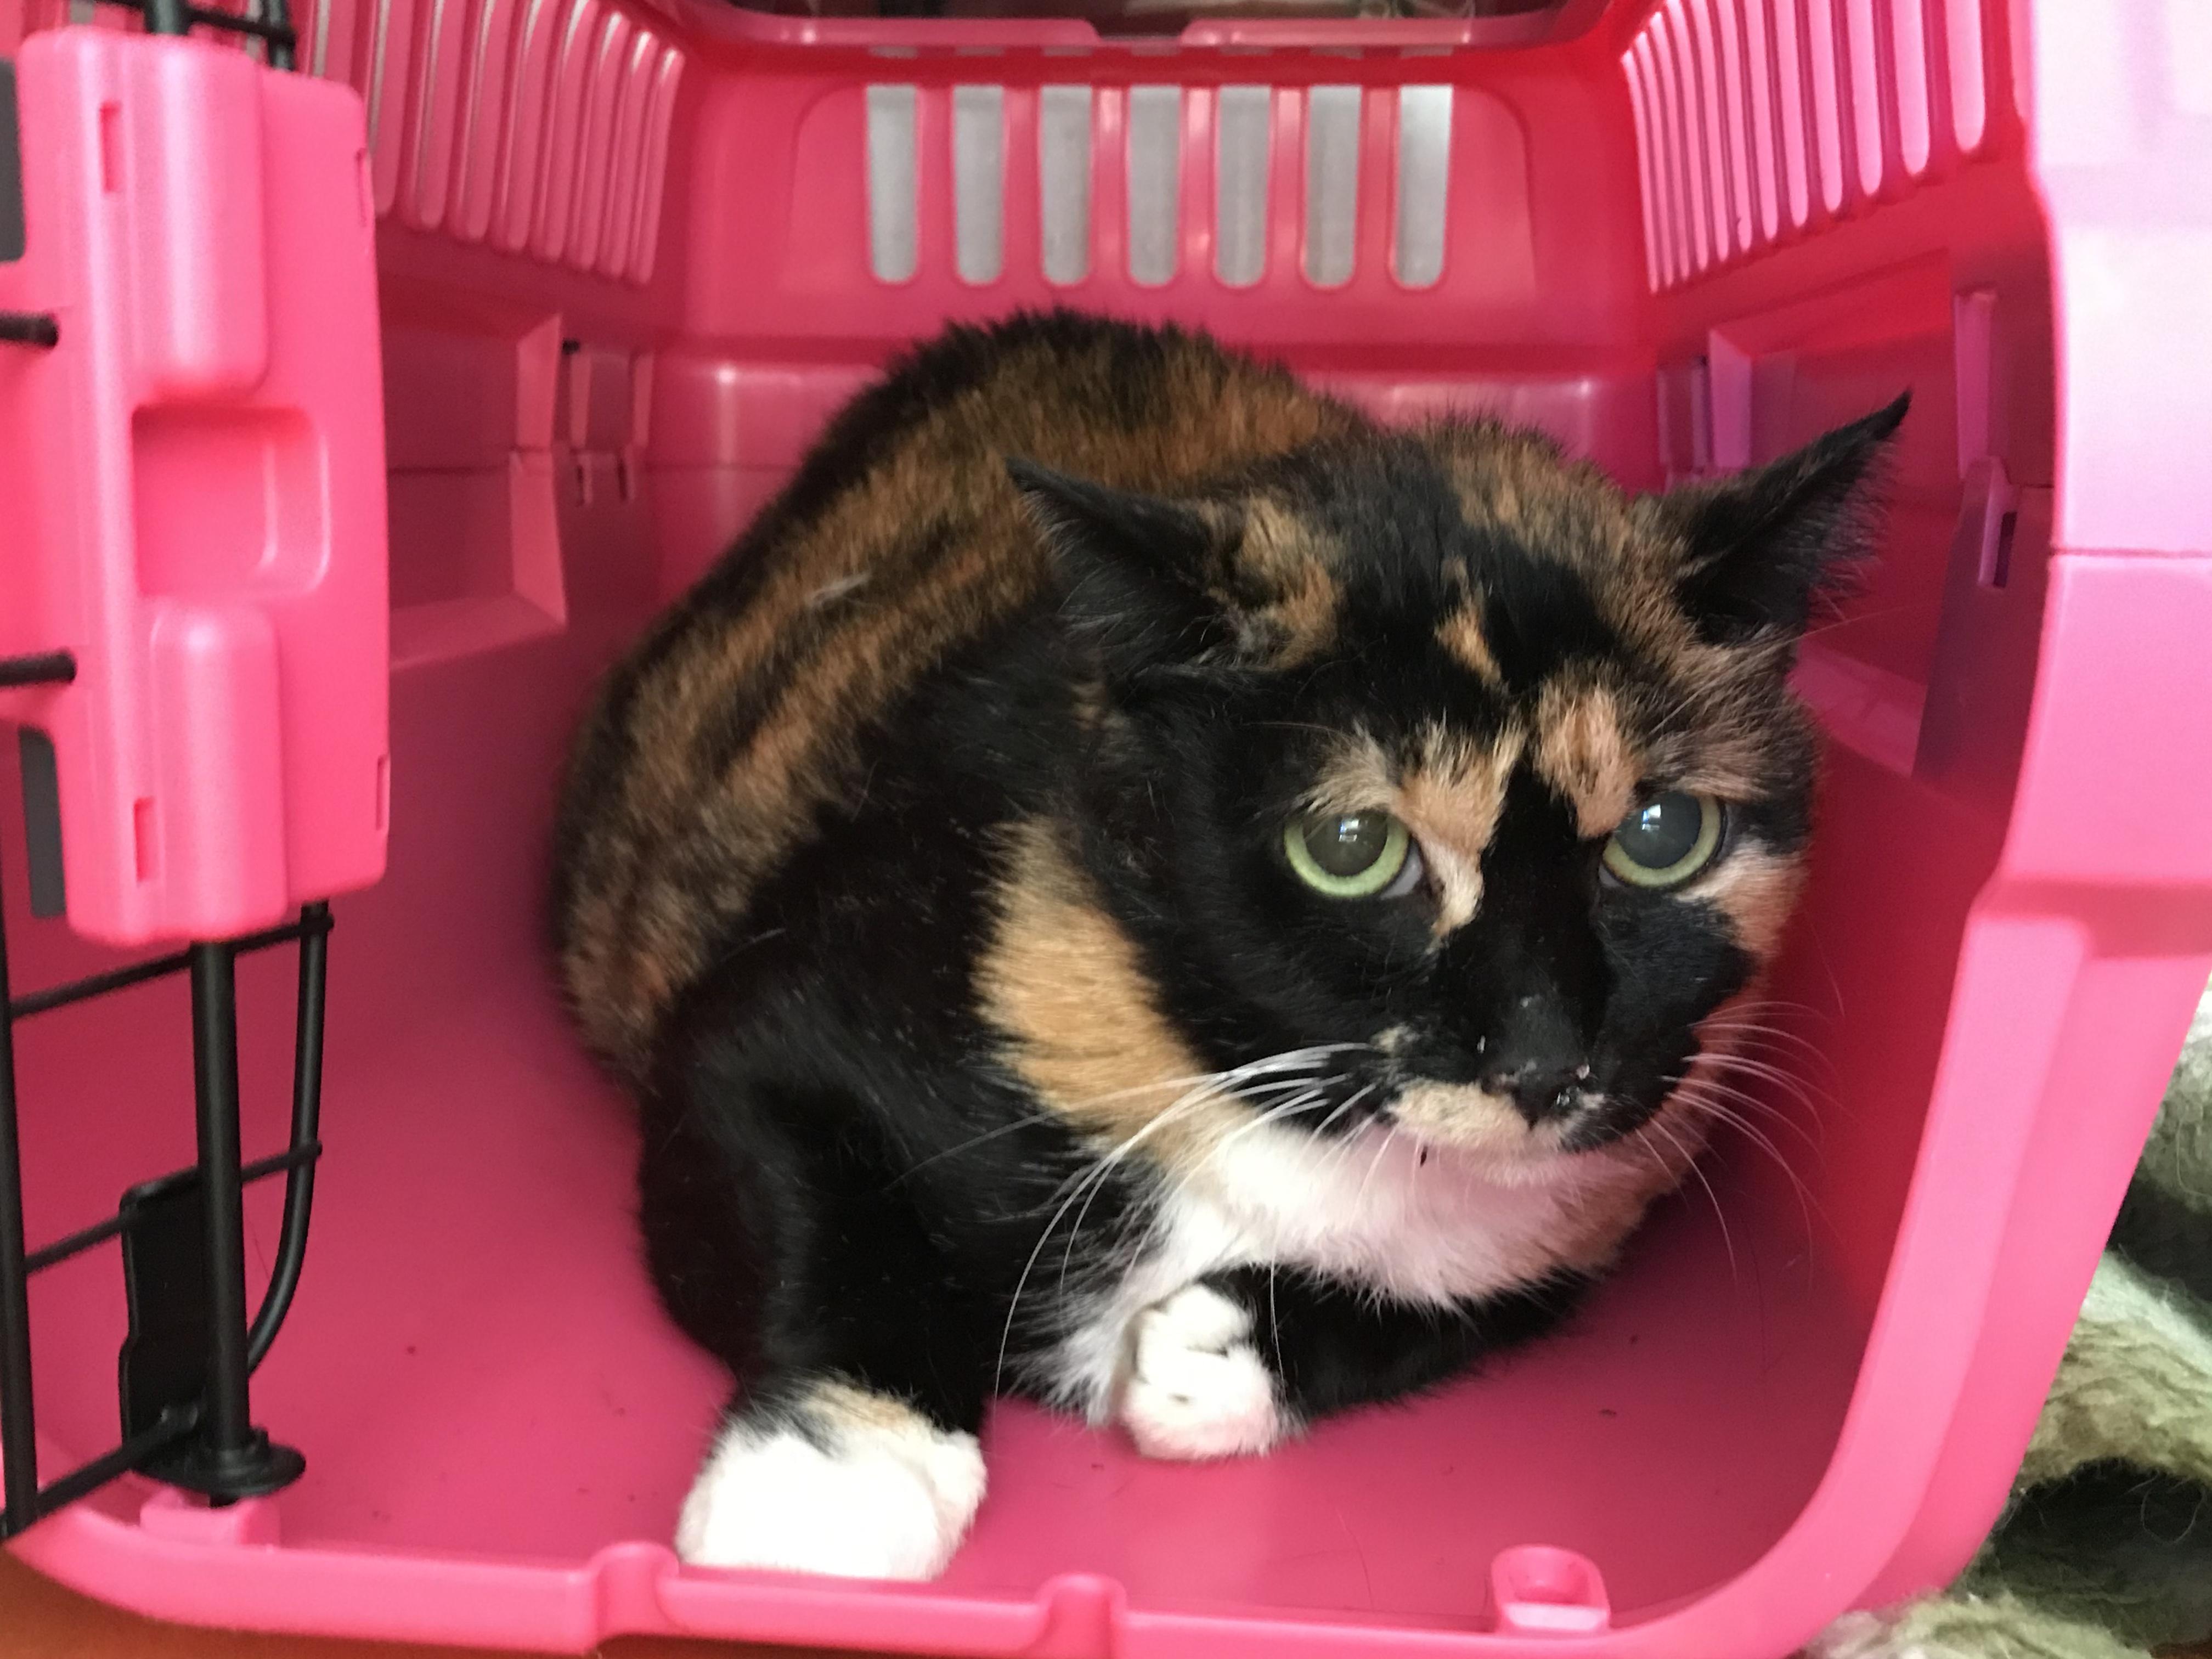 <p></p> <ul> <li>猫種:日本猫 三毛</li> <li>性別:女の子</li> <li>名前:ふじ</li> <li>年齢:2010年4月</li> <li>保護経緯:飼い主様が遠方に引越しのためのため飼育困難になりました</li> </ul>